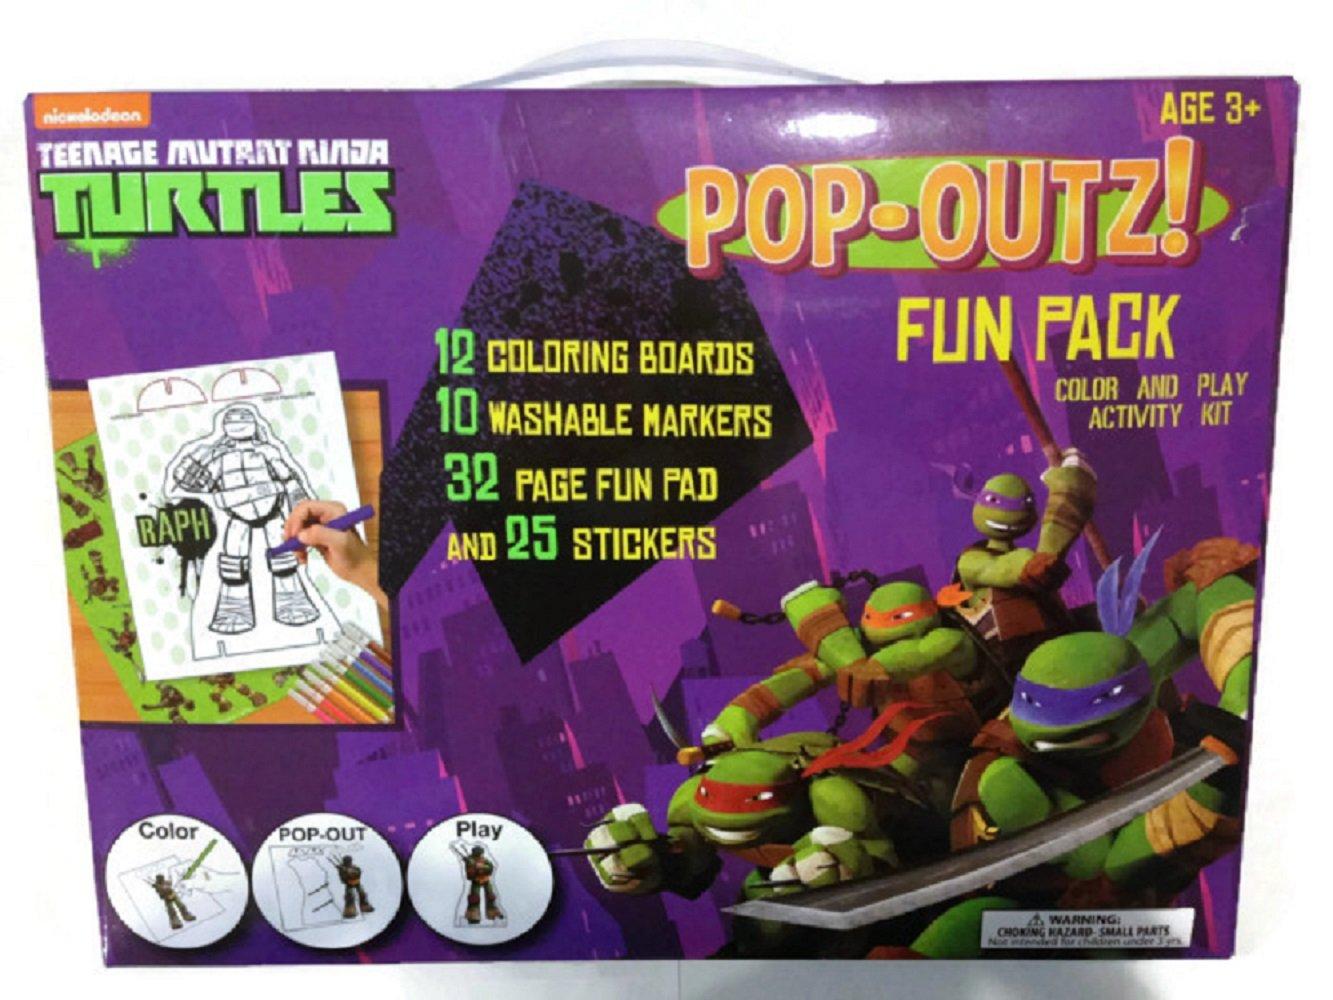 Teenage Mutant Ninja Turtles Pop-Outz! Fun Pack - 12 ...